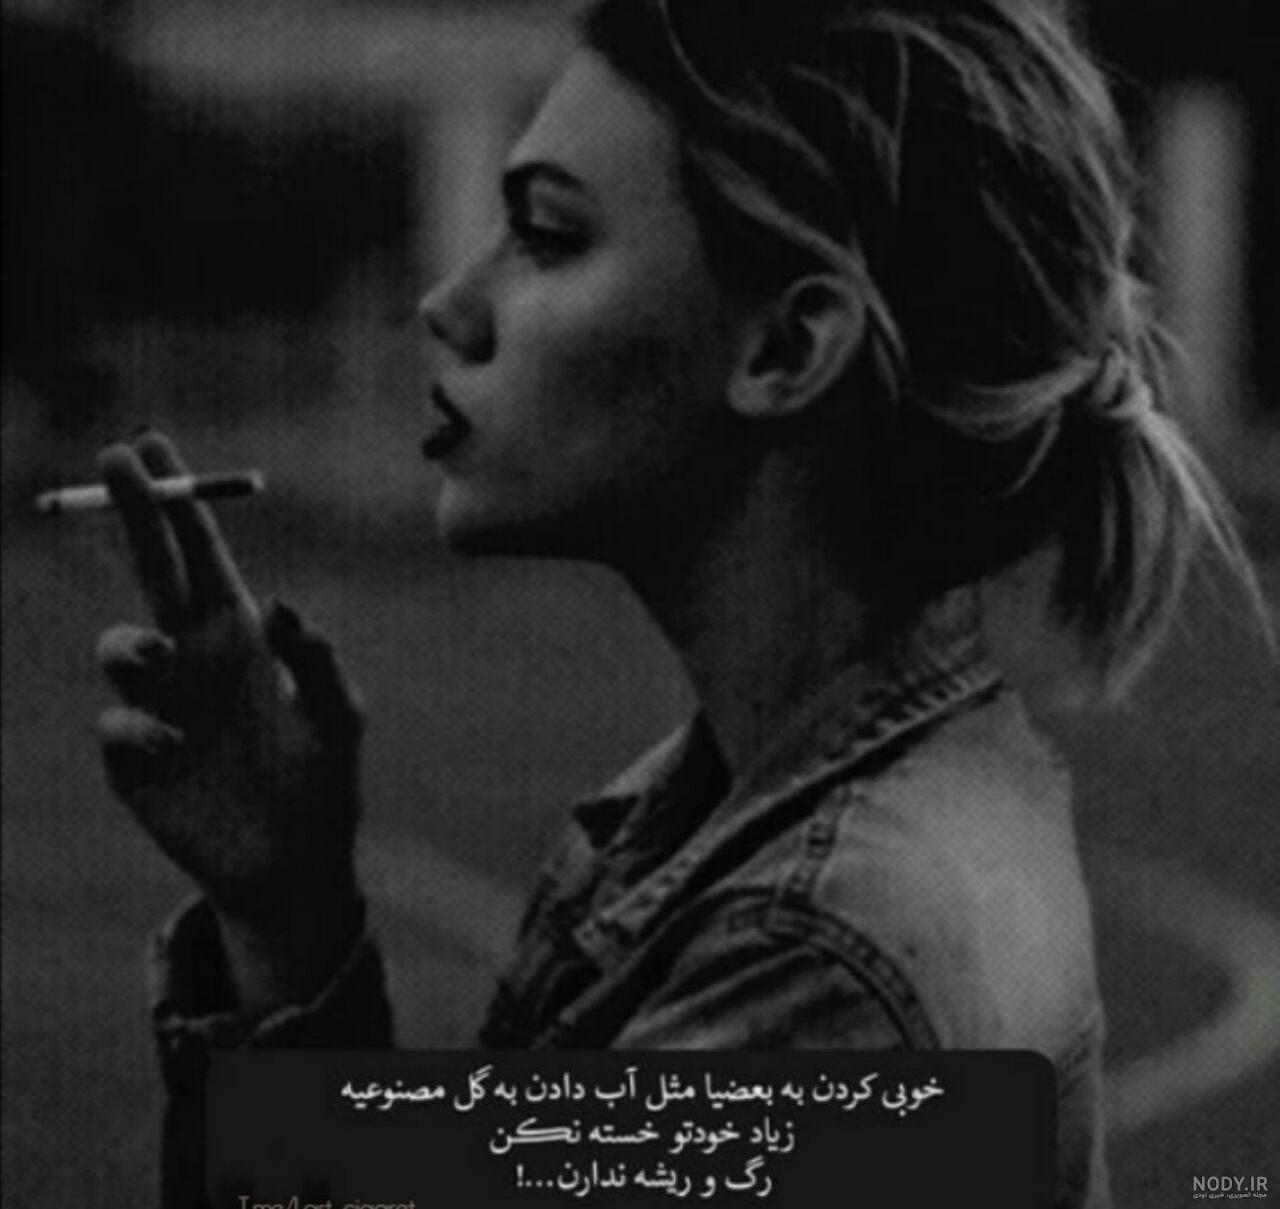 عکس پروفایل غمگین سیگاری